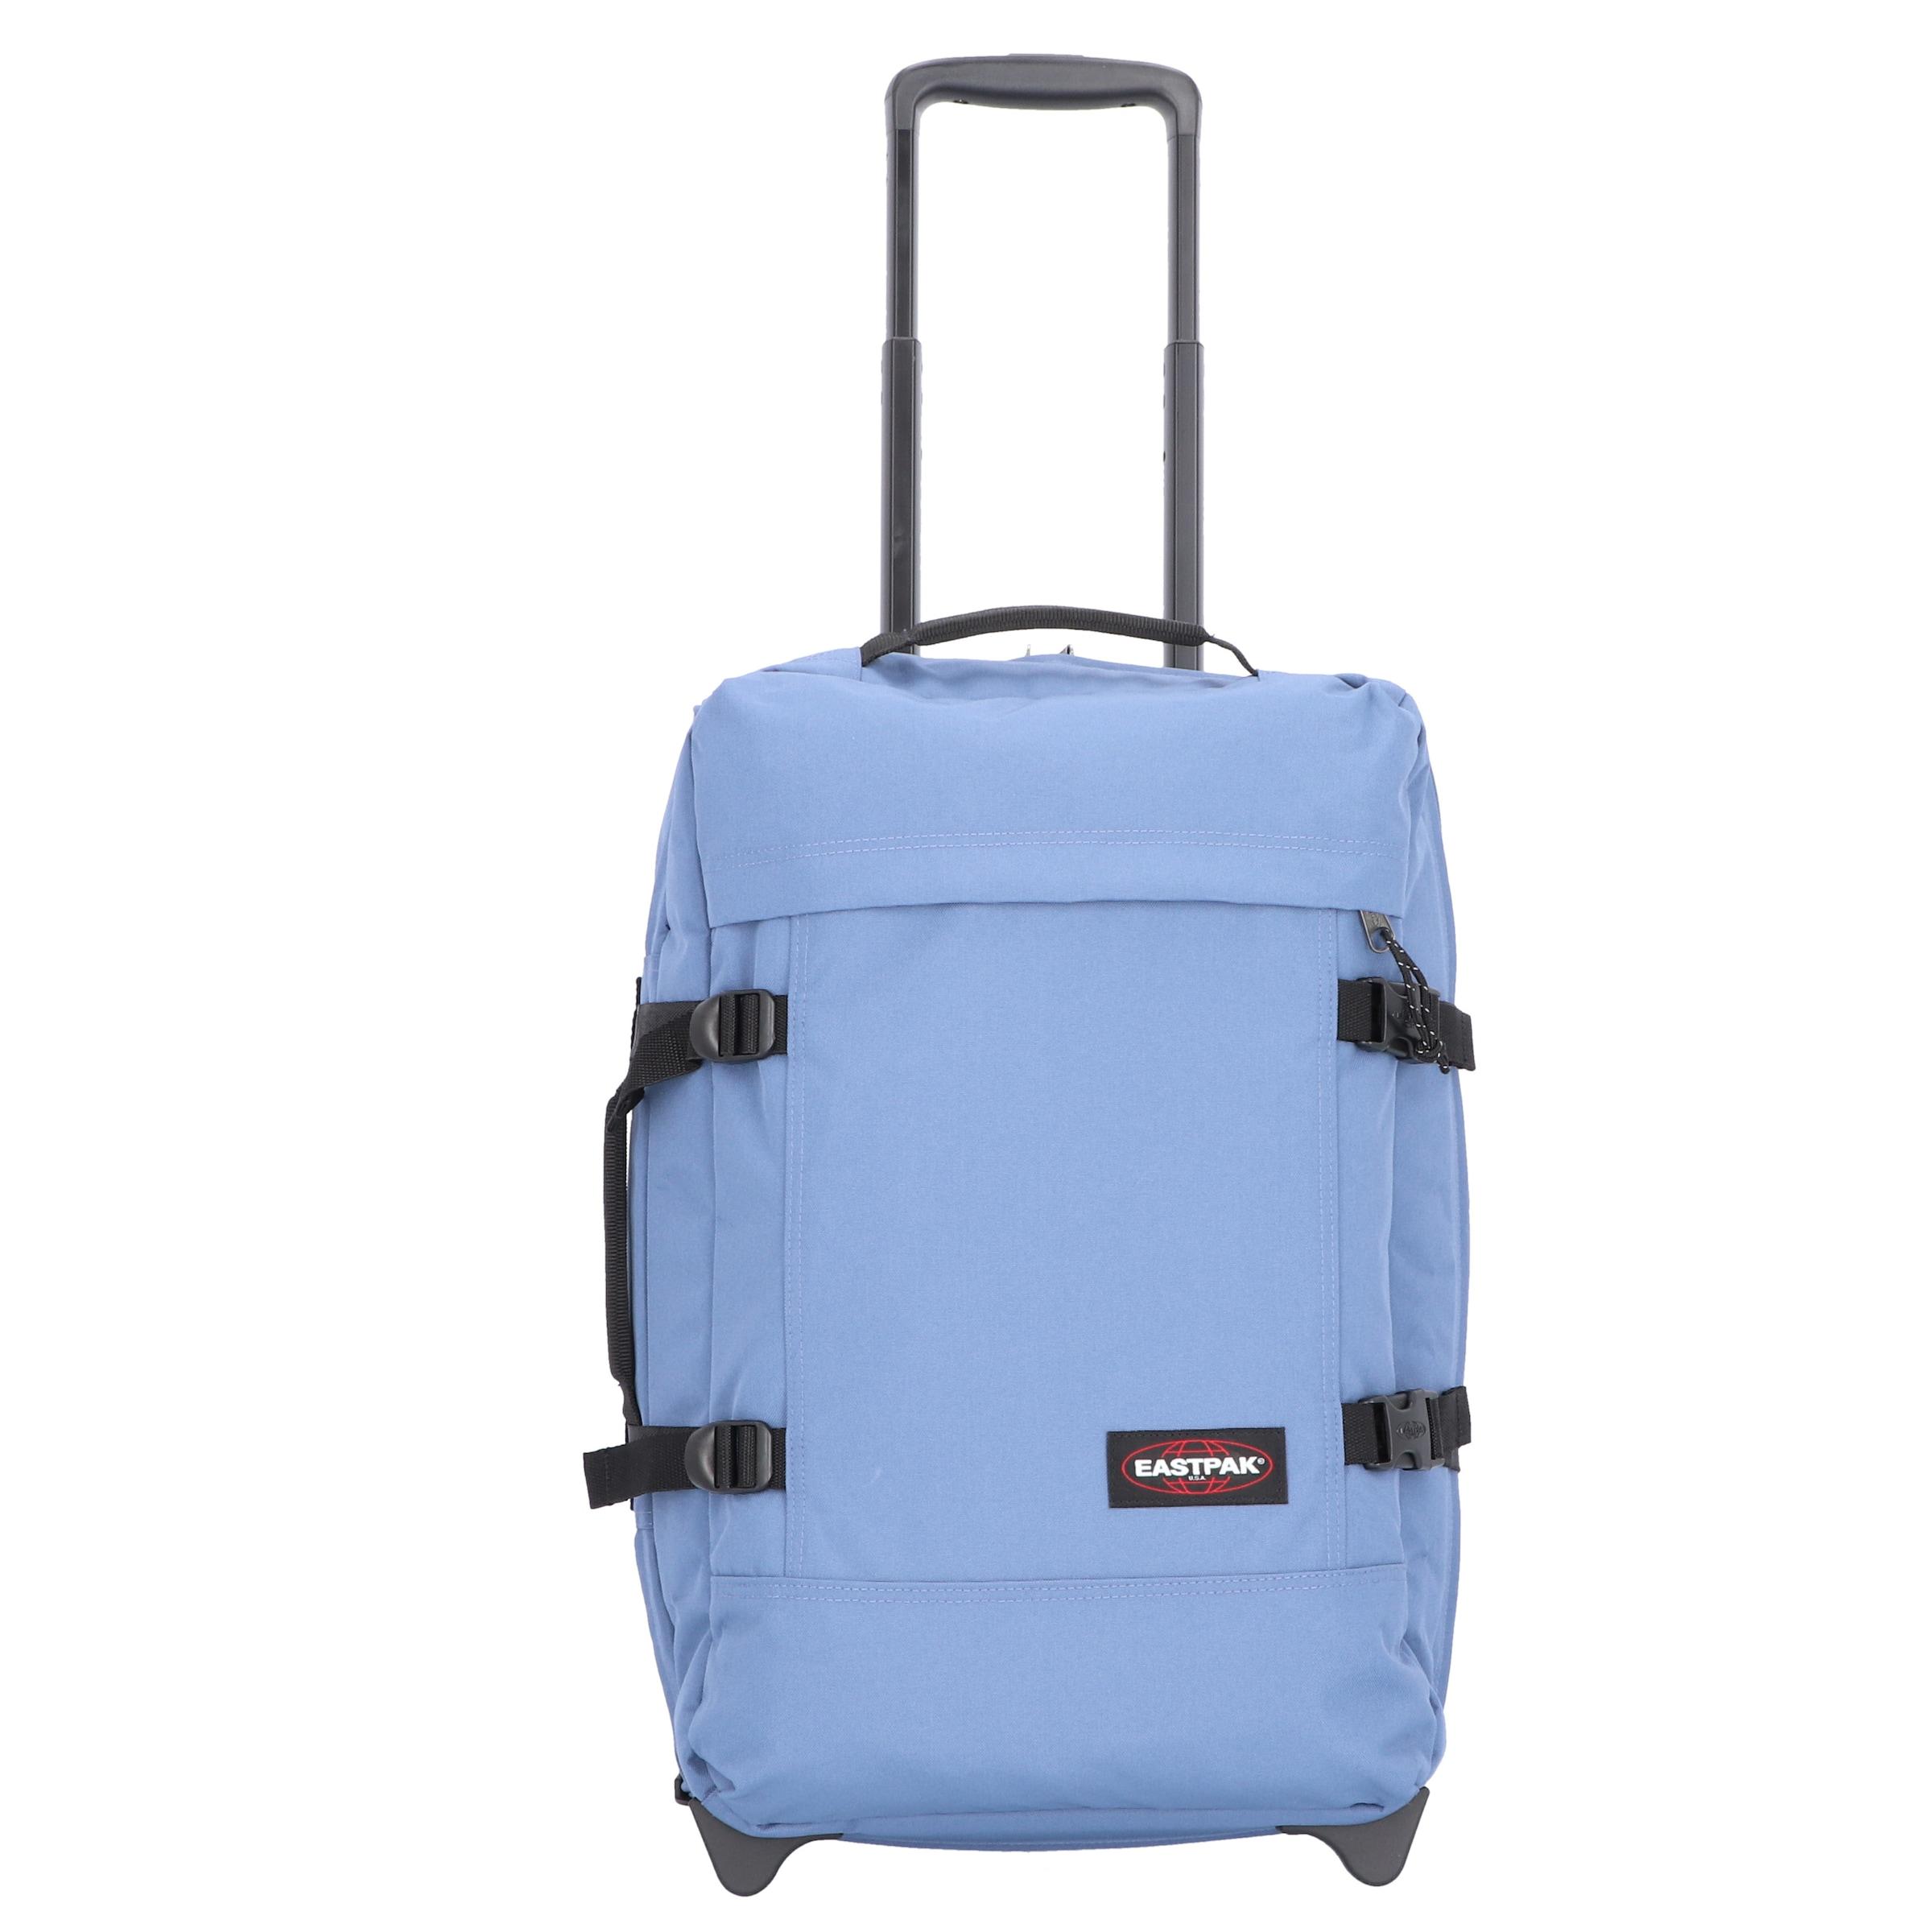 Eastpak Valisette En Valisette RoiNoir RoiNoir Bleu Eastpak Eastpak Valisette En Bleu n0O8wPk